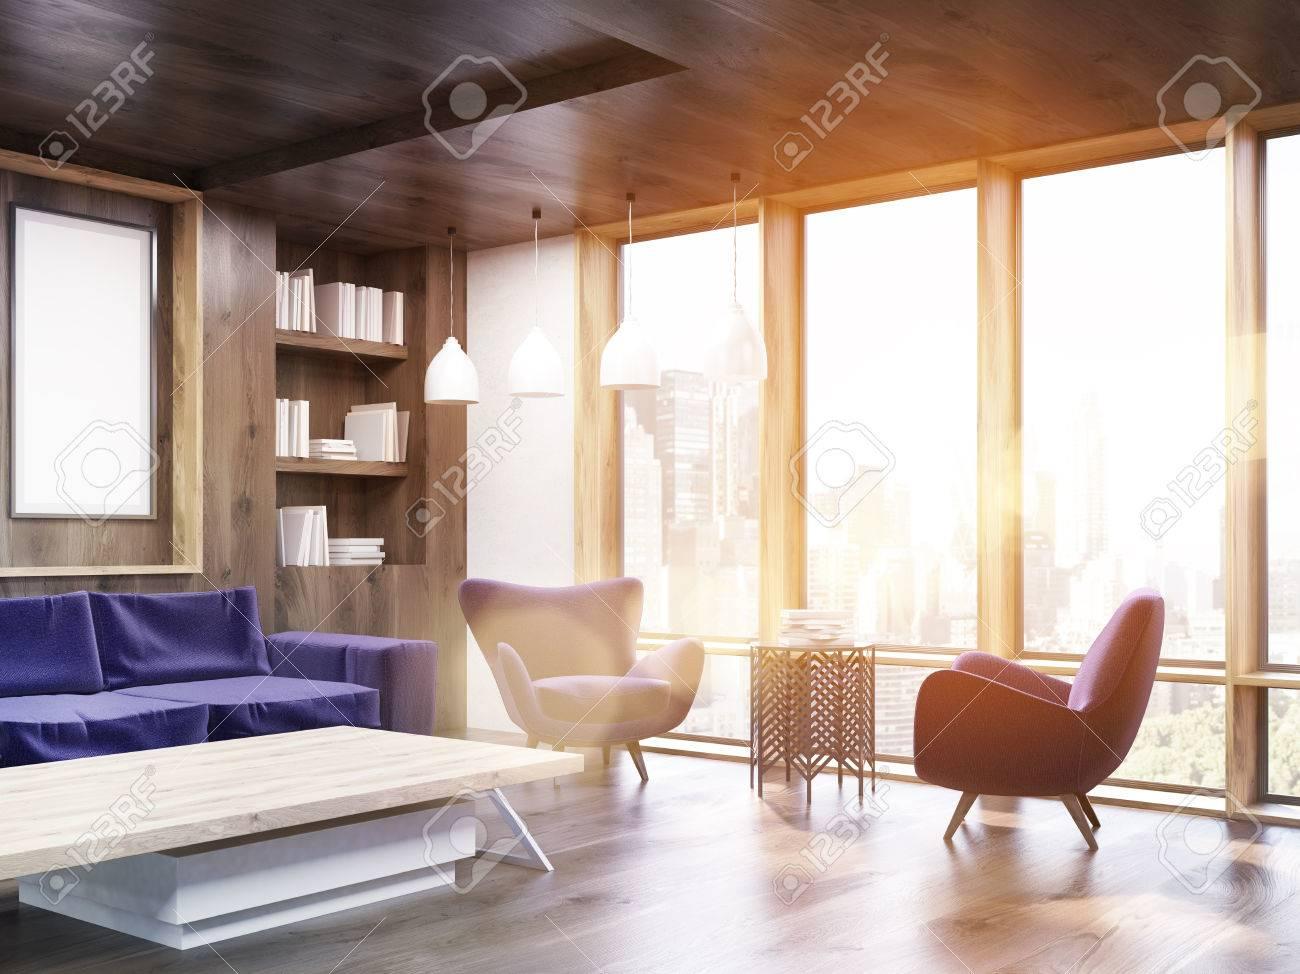 Appartement De New York Avec Un Canape Violet Une Table Basse Deux Fauteuils Et Une Affiche Bibliotheque Dans Le Coin Concept De Maison